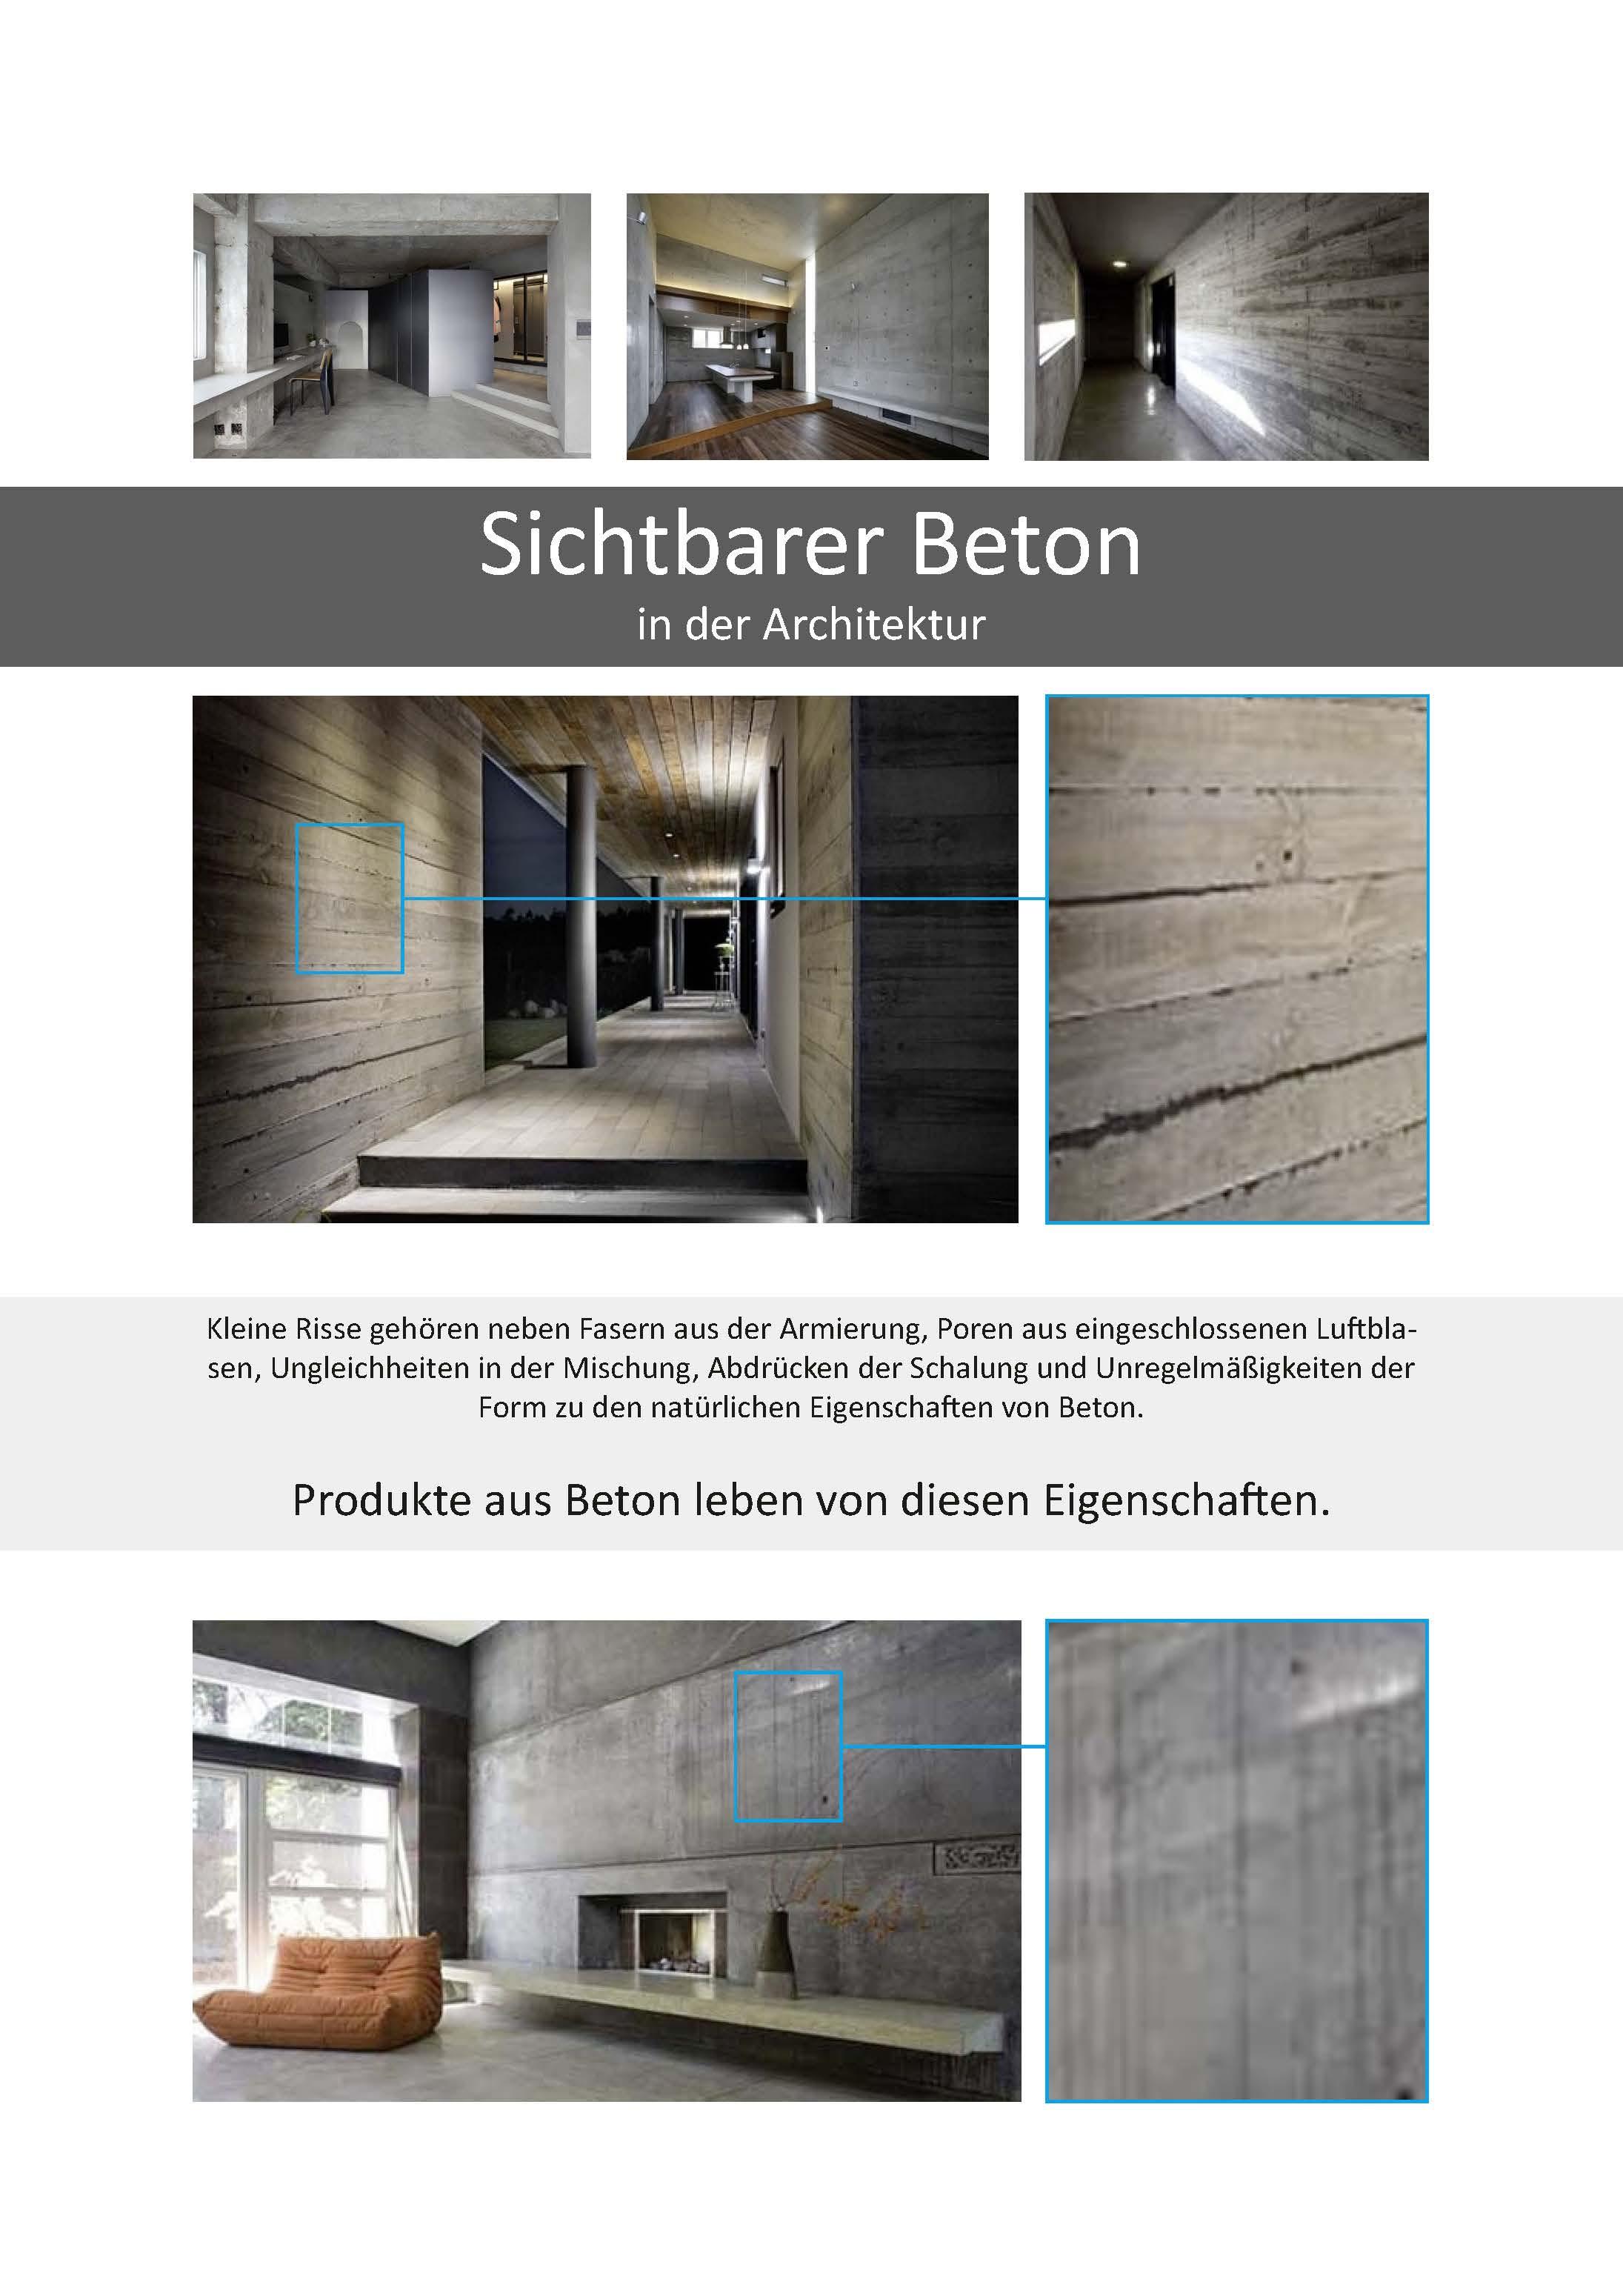 materialeigenschaften_beton_und_terracotta_Seite_1